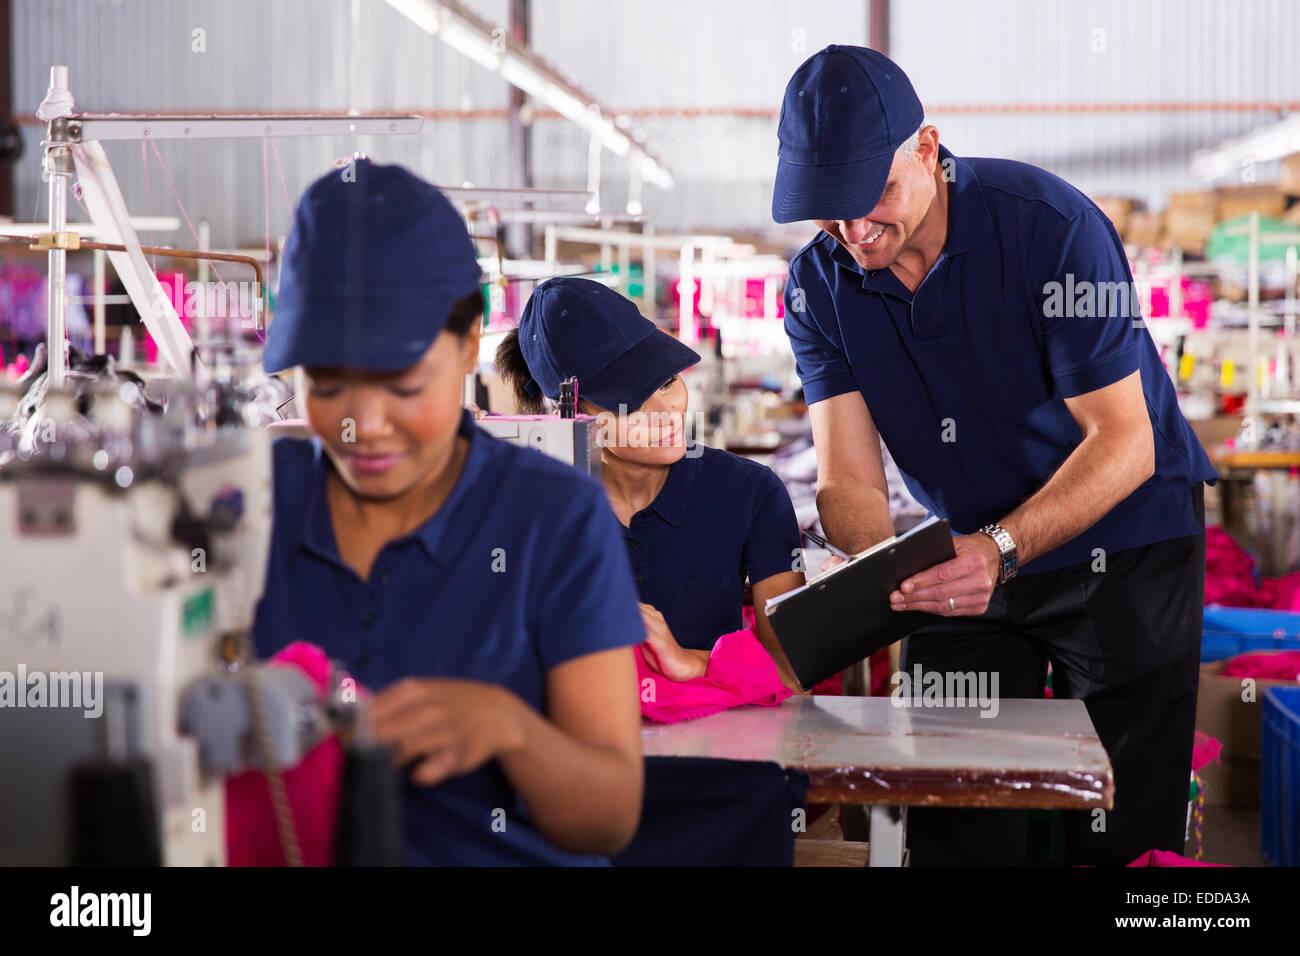 Abbigliamento sorridente factory foreman spiegando il lavoro ai giovani macchinista Immagini Stock